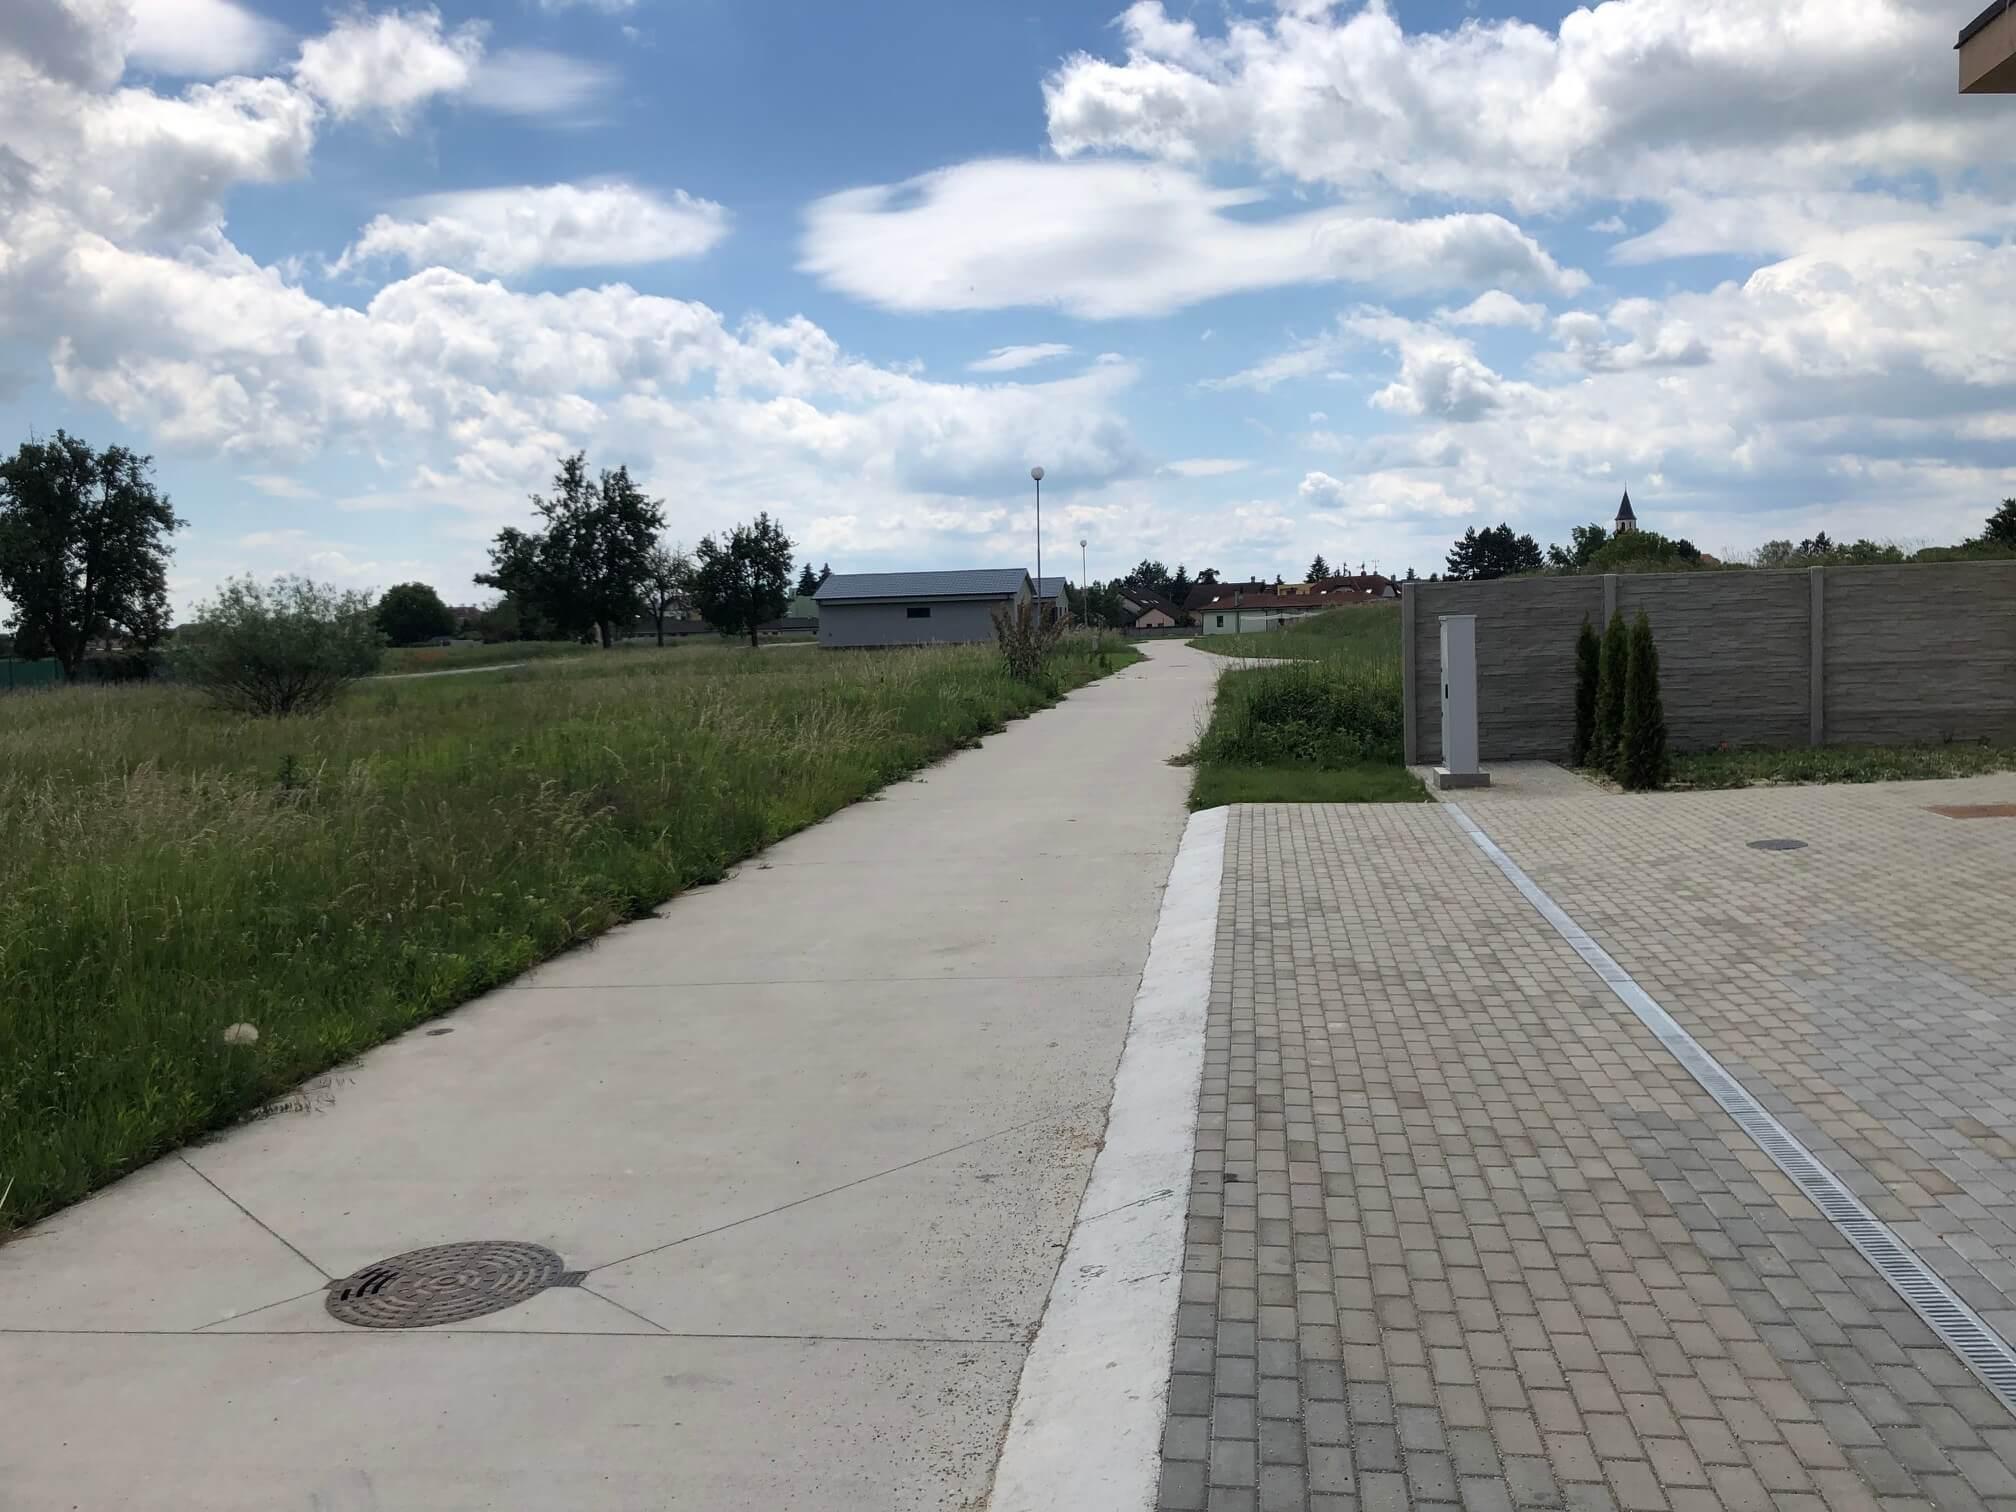 Predané: Rodinný dom 3 izbový, Novostavba, Kalinkovo, pri hrádzi, úžitková 92,85m2, záhrada 145m2-4